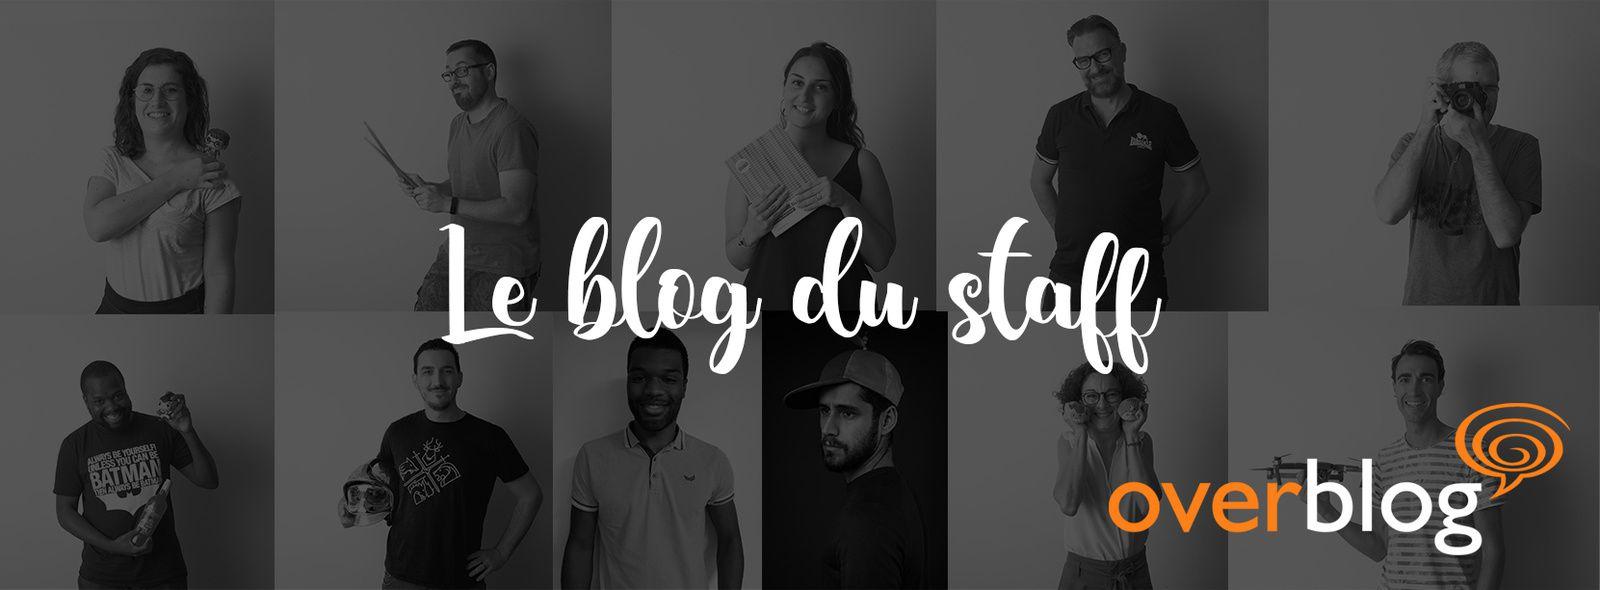 Overblog France